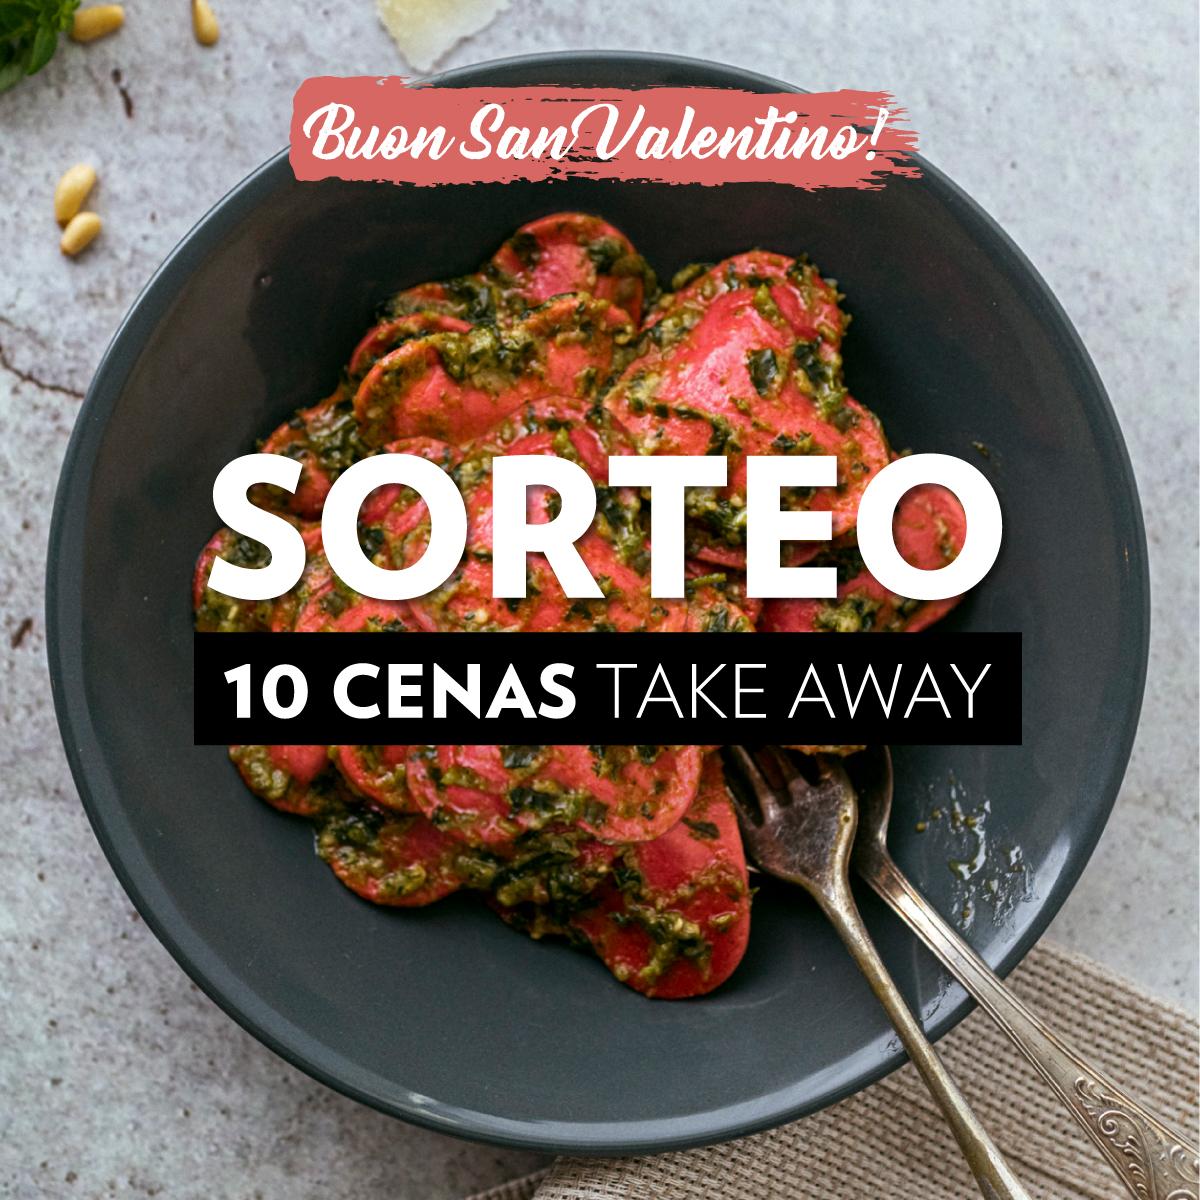 RRSS Sorteo San Valentin FEED - Enamorad@ ➡ Sorteamos 10 cenas para que te lo montes donde quieras